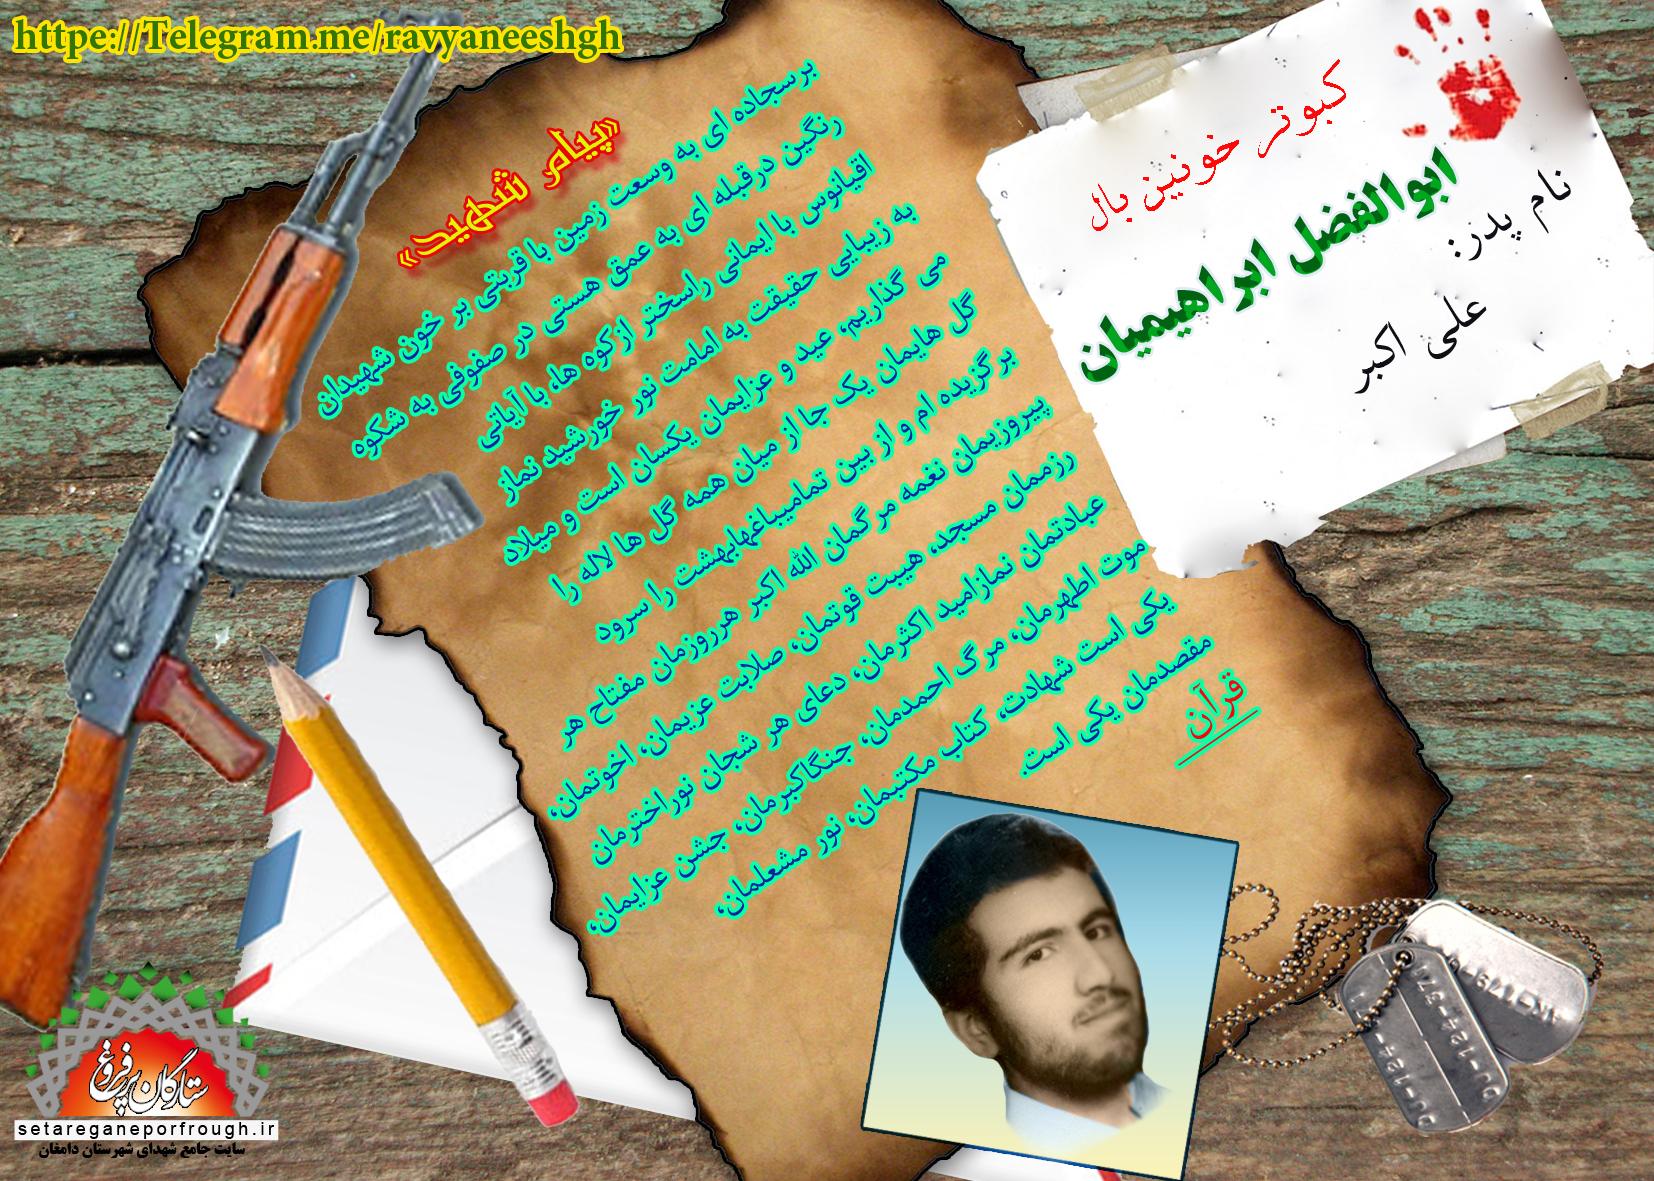 پیام شهید_گزیدهای از وصیتنامه شهید ابوالفضل ابراهیمیان